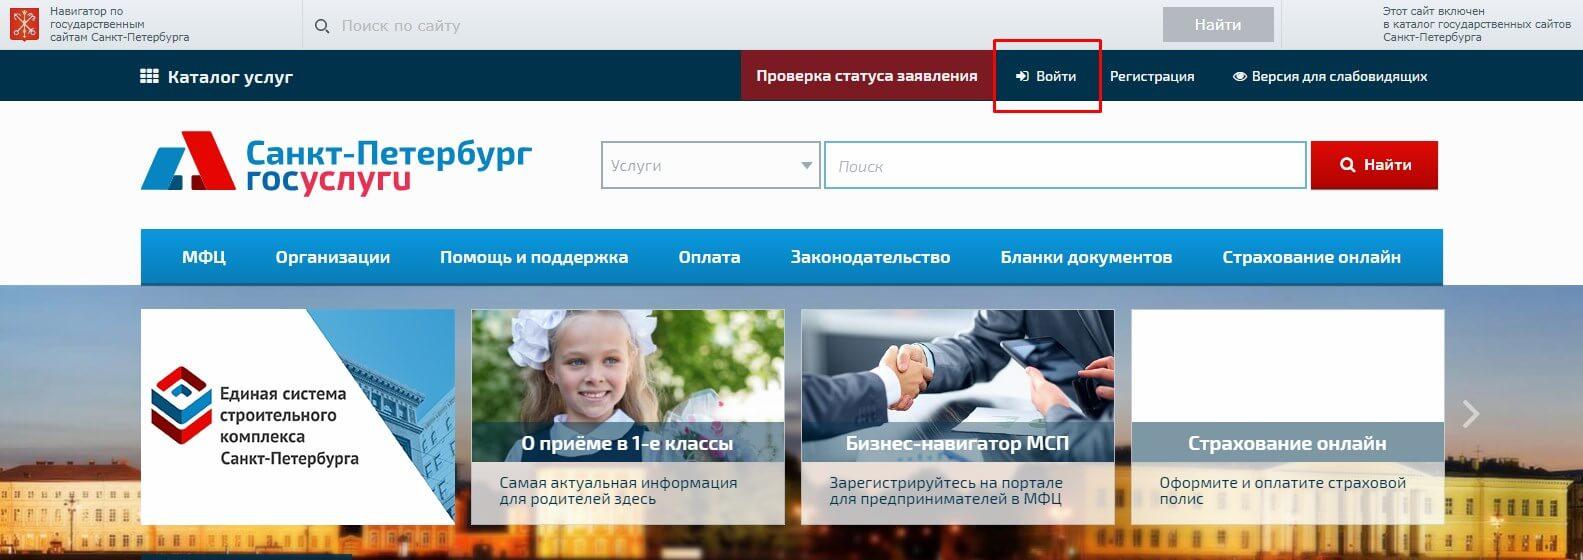 Госуслуги Санкт-Петербург